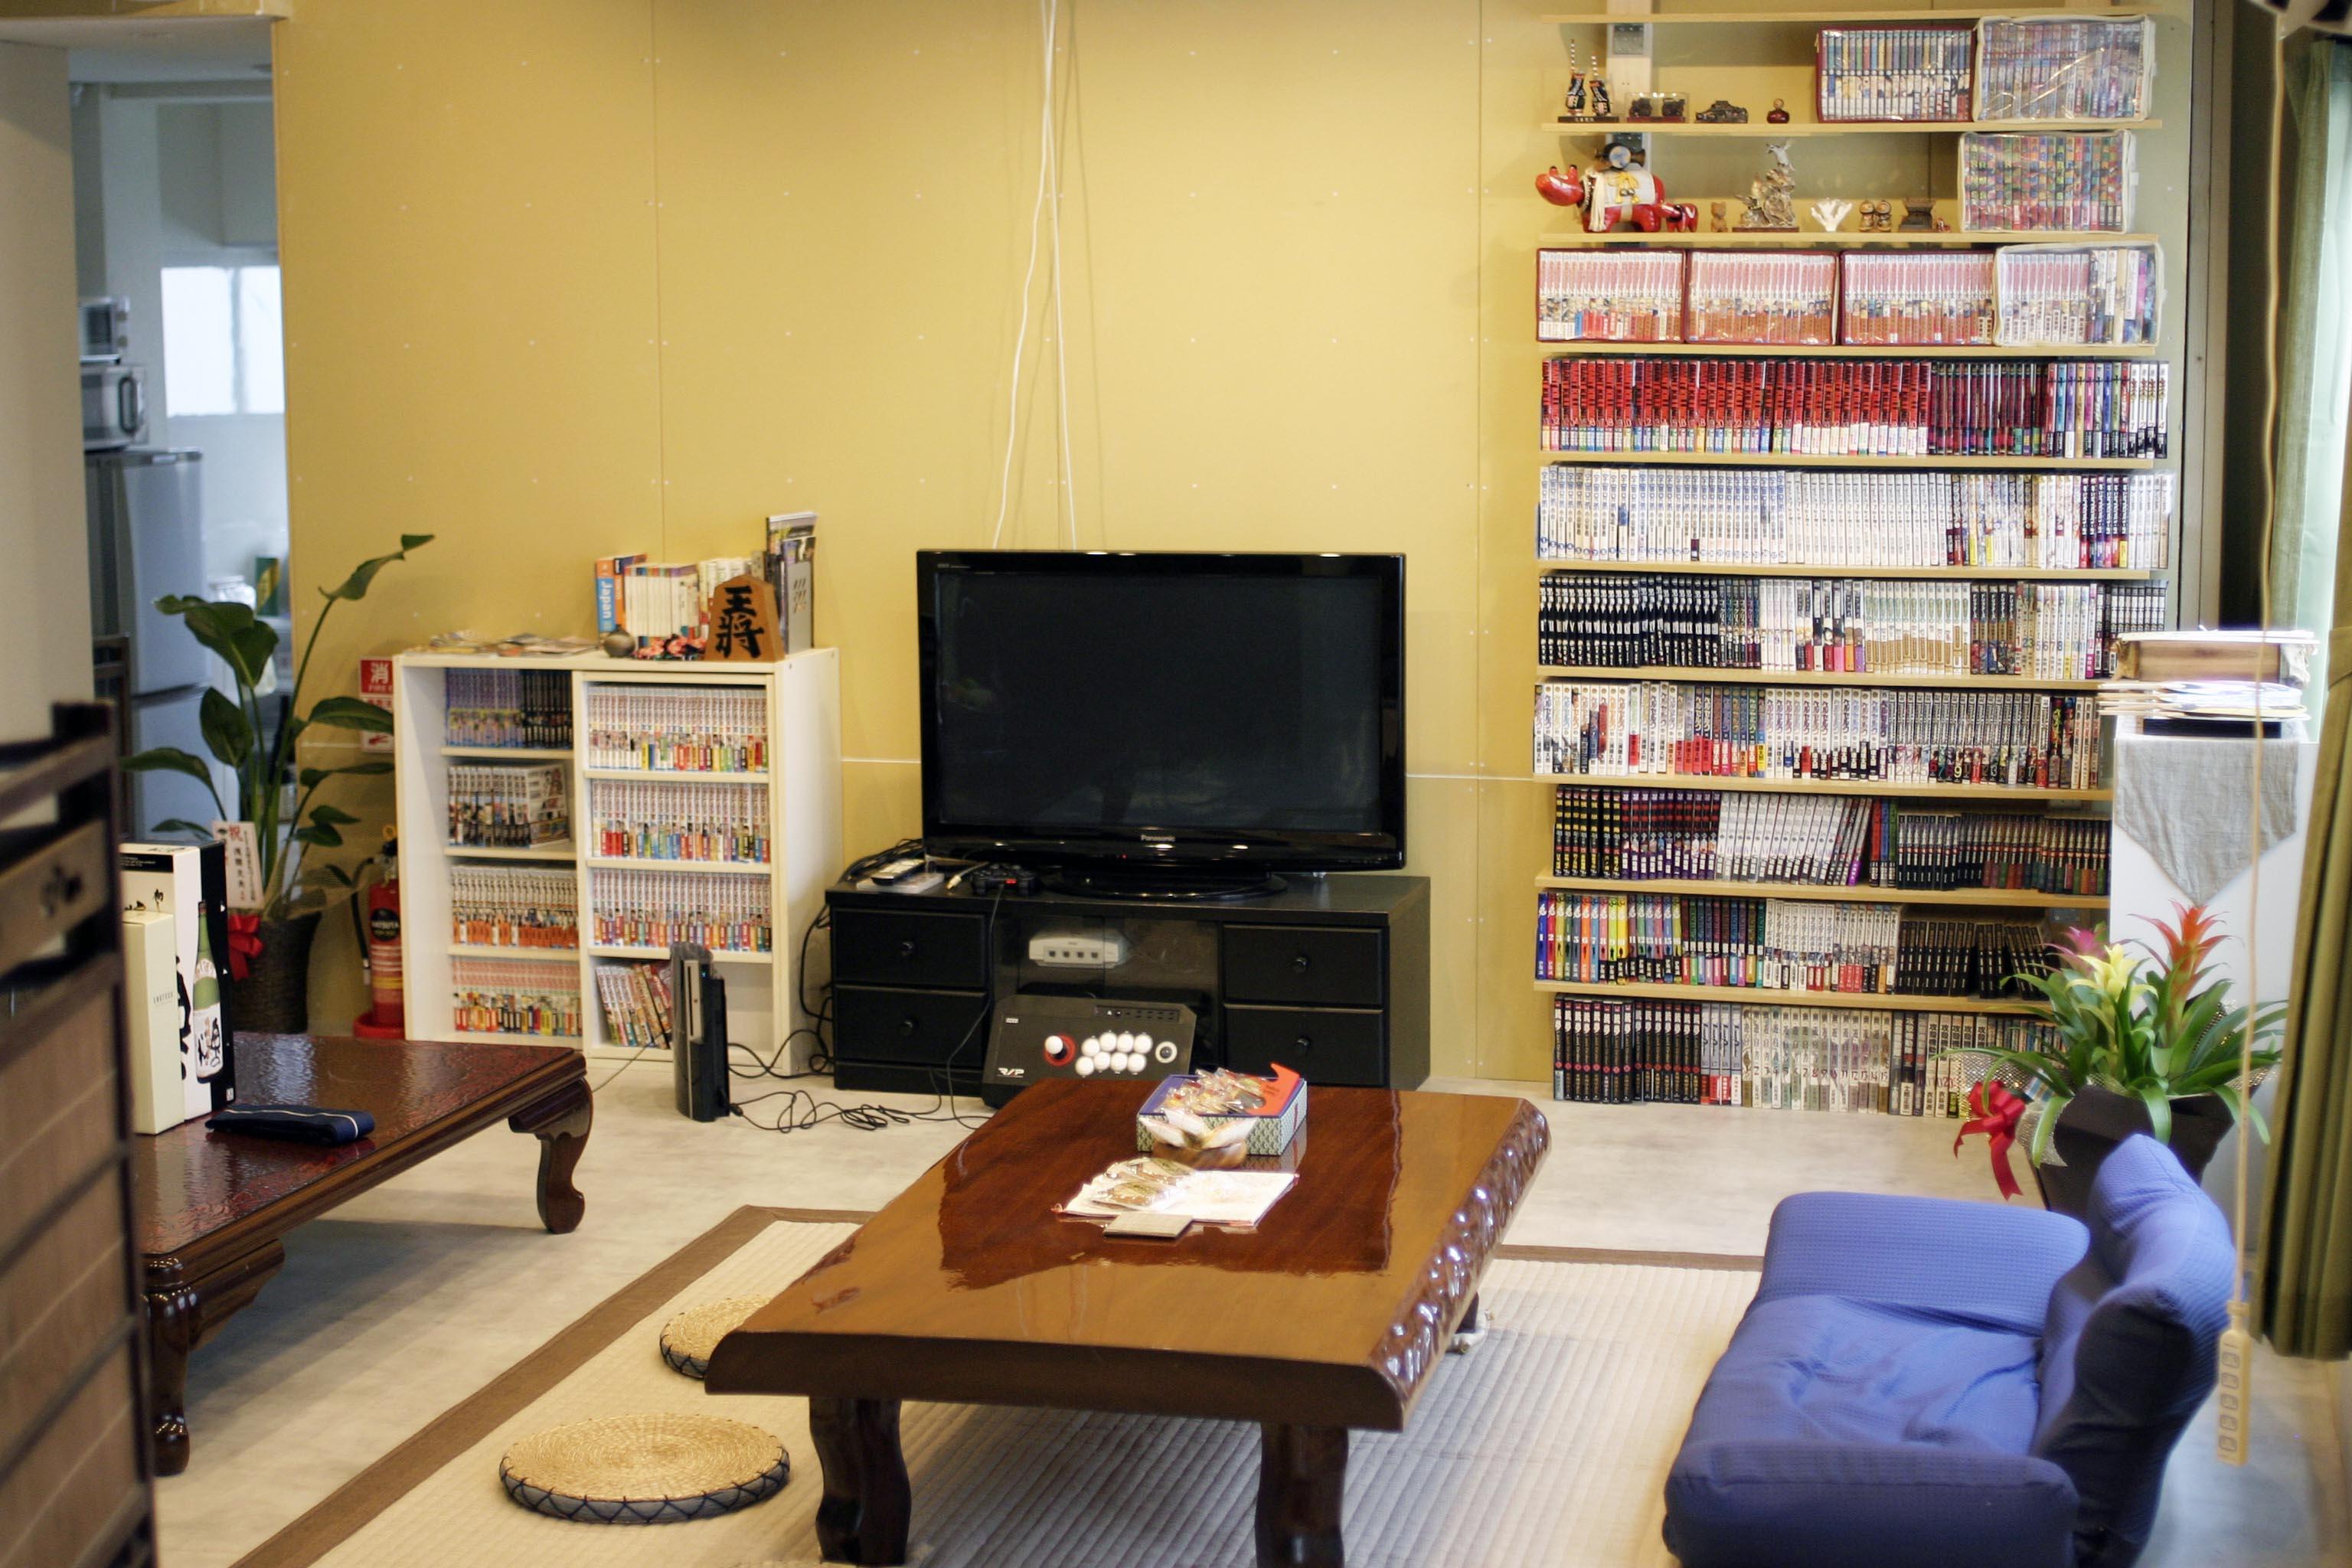 |東京|ゲストハウス|清潔、静かなゲストハウスで一緒におもてなしできる女性の仲間募集